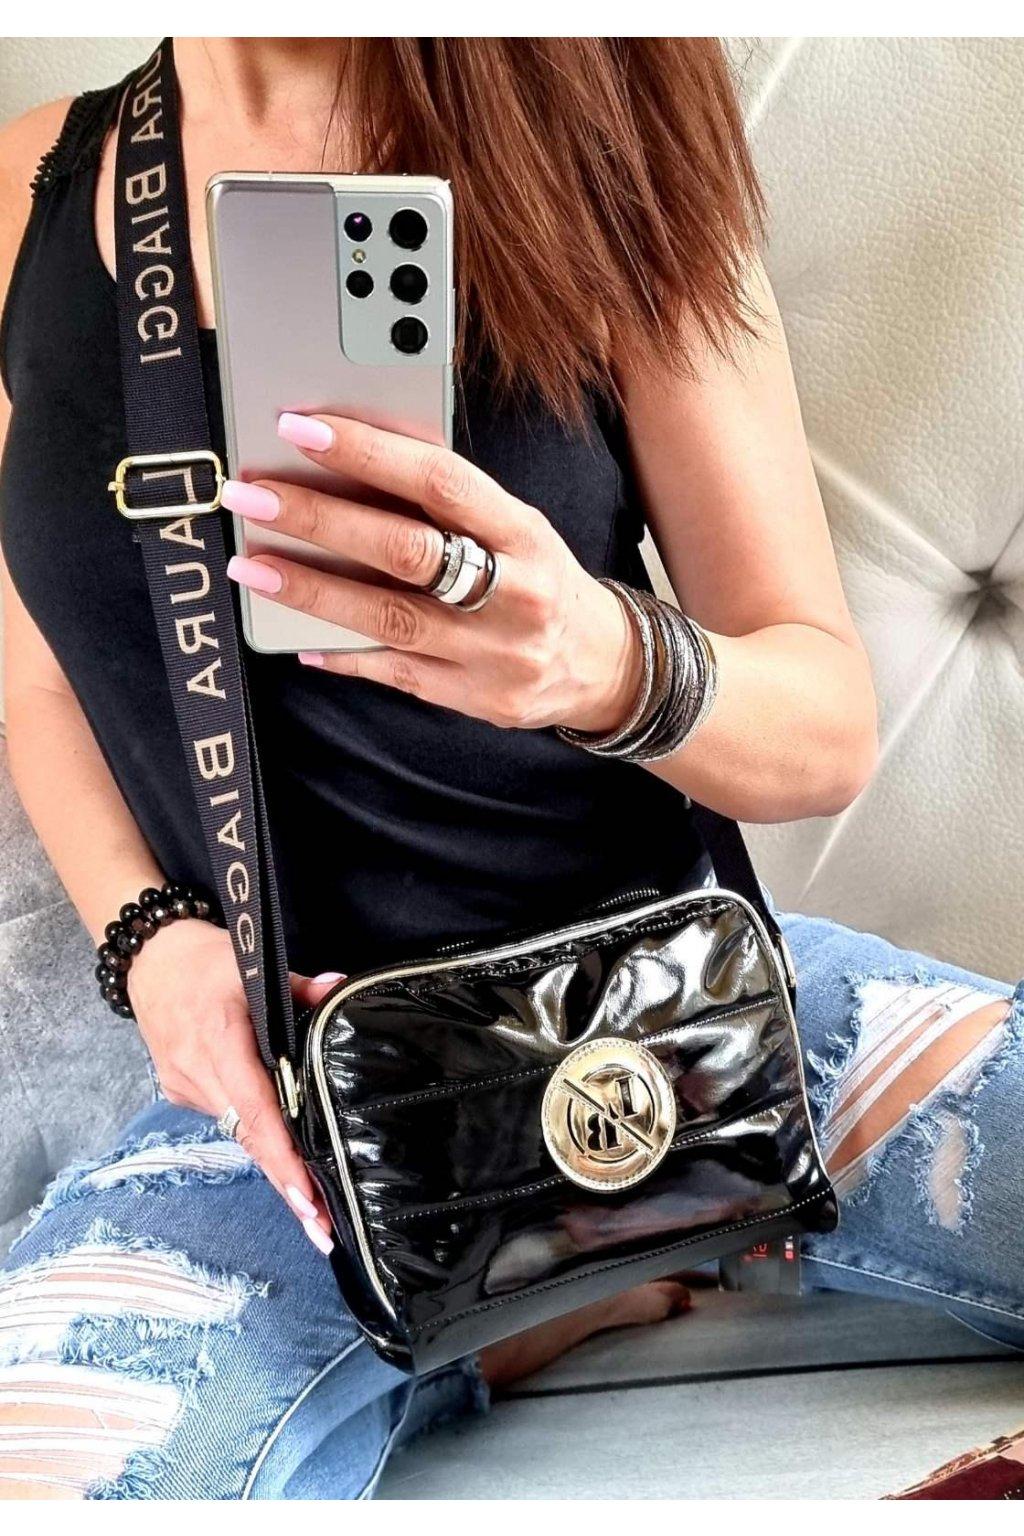 Laura Biaggi značková kabelka luxusní trendy crossbody bLACK ČERNÁ top design